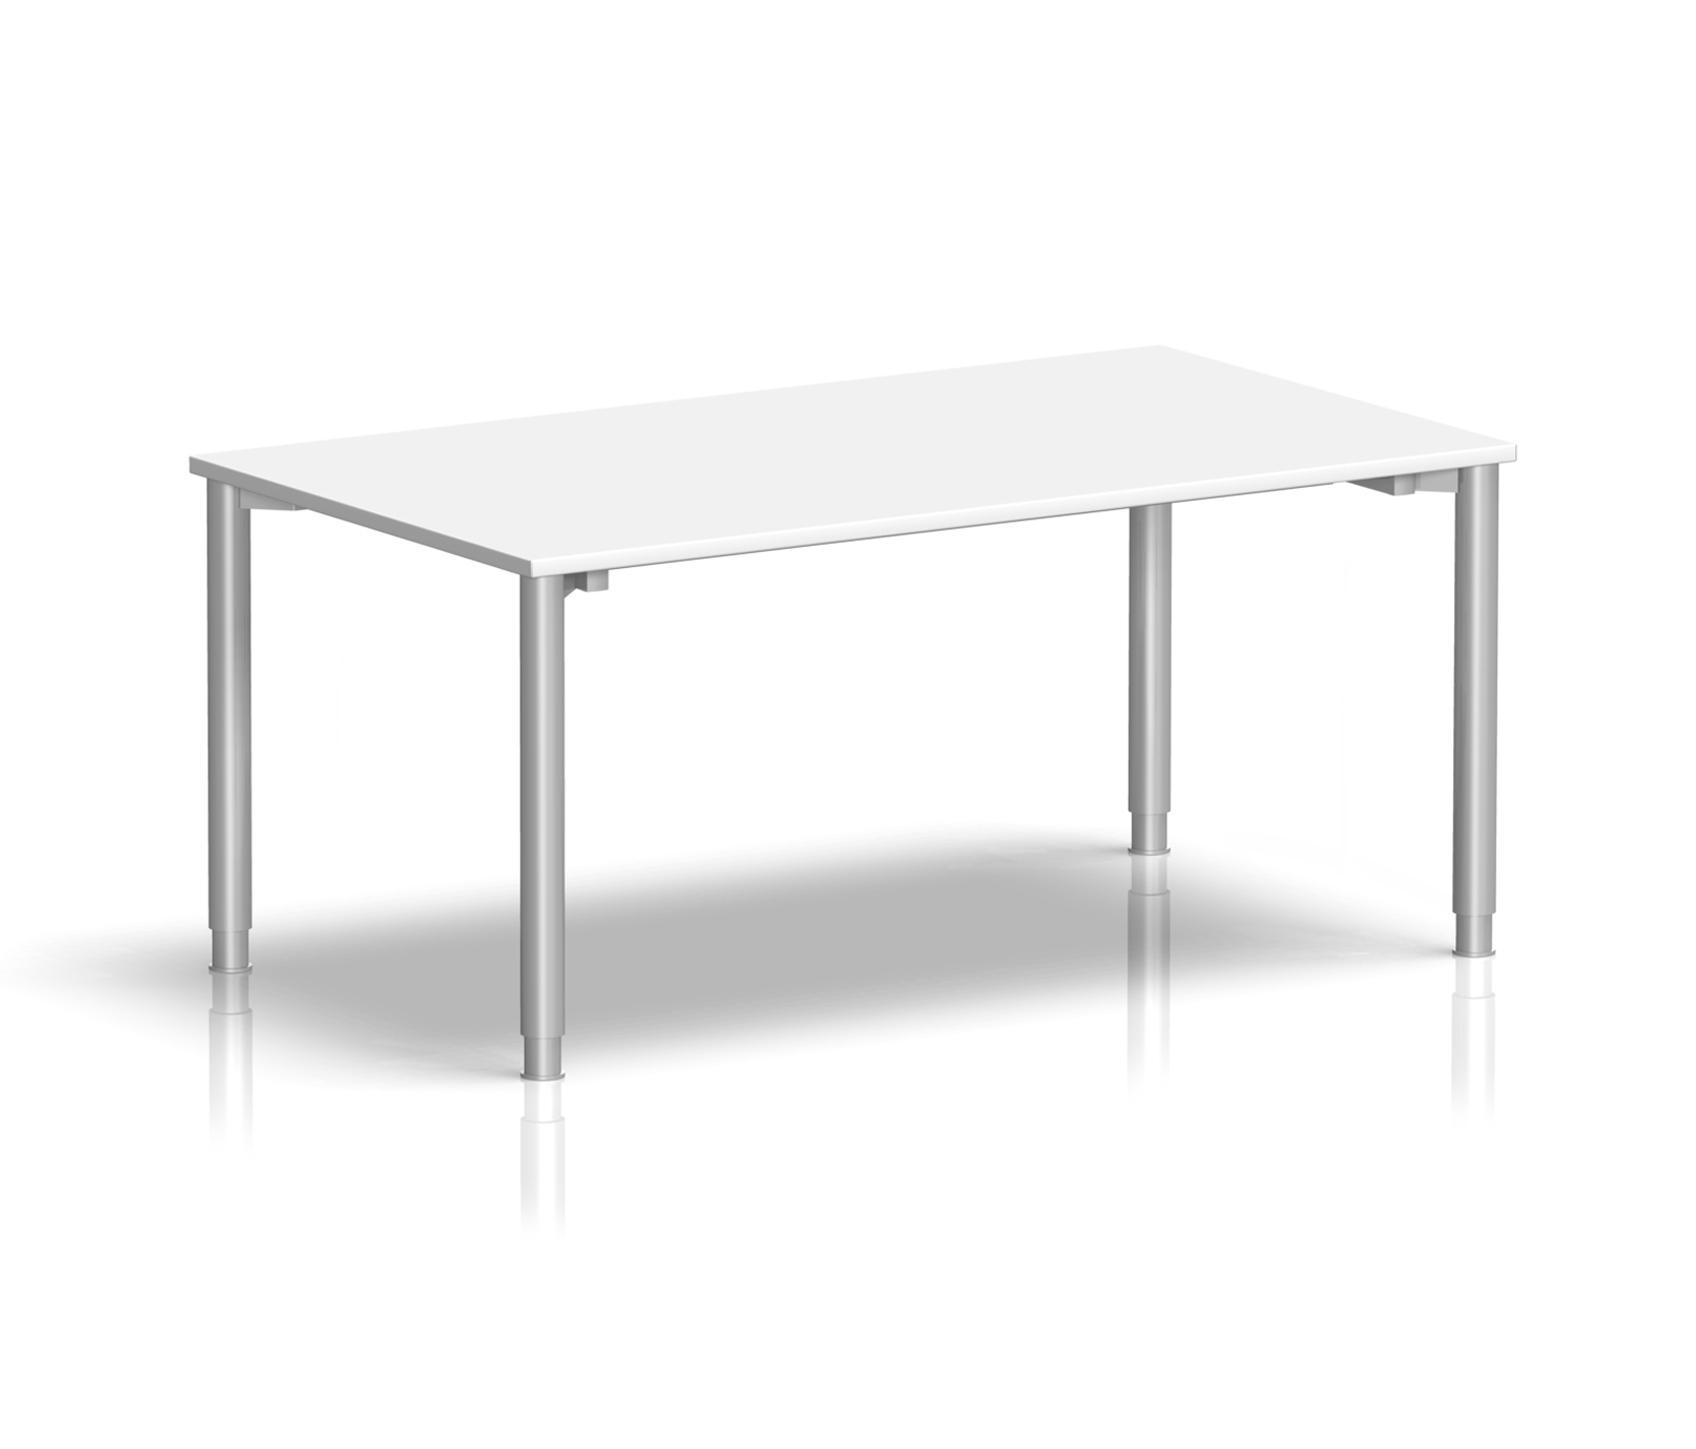 RONDANA DESK - Individual desks from Assmann Büromöbel | Architonic